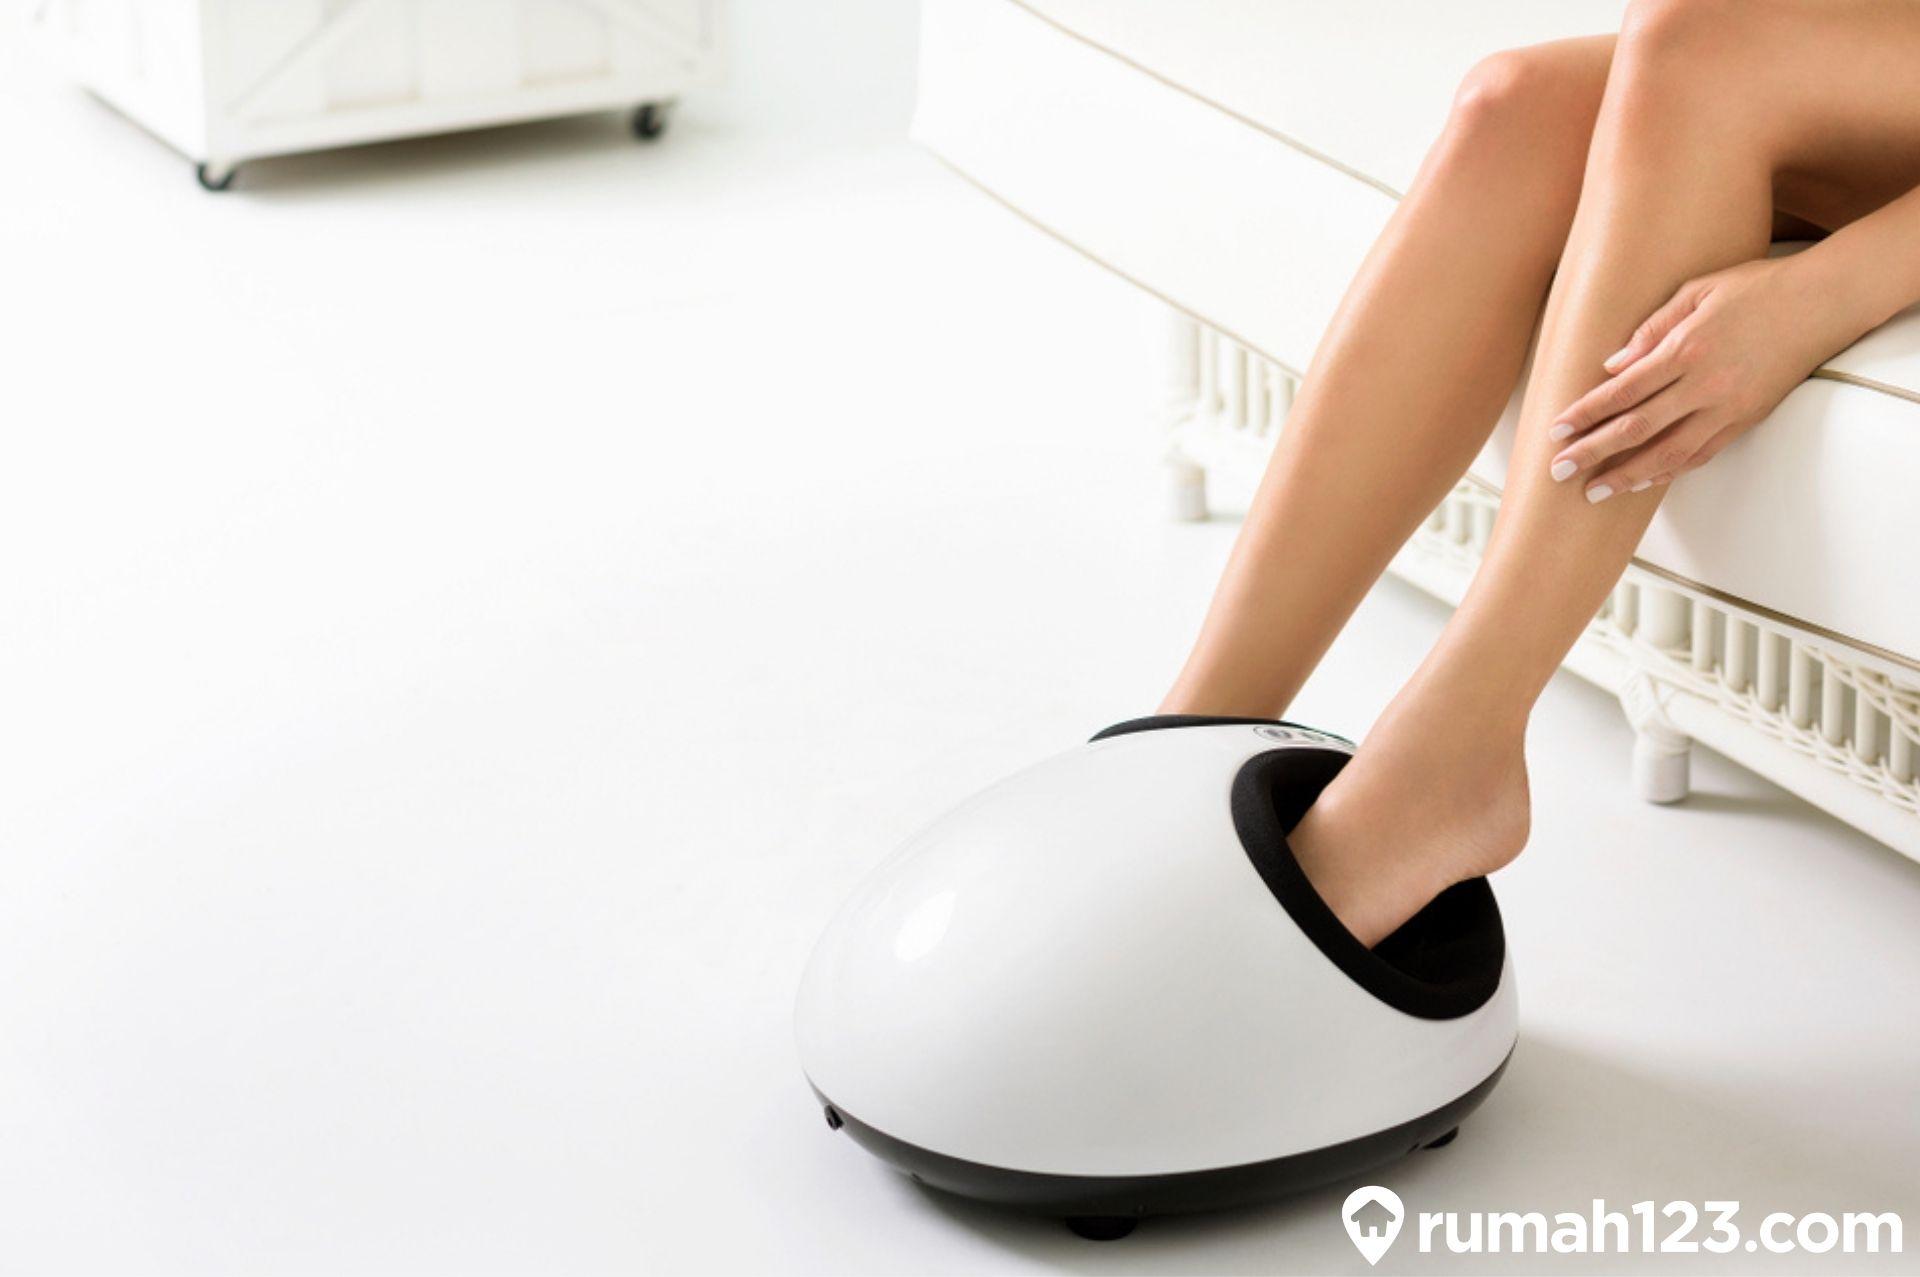 7 Manfaat Pijat Kaki untuk Kesehatan, Bisa Kurangi Stress Hingga Lancarkan Pencernaan